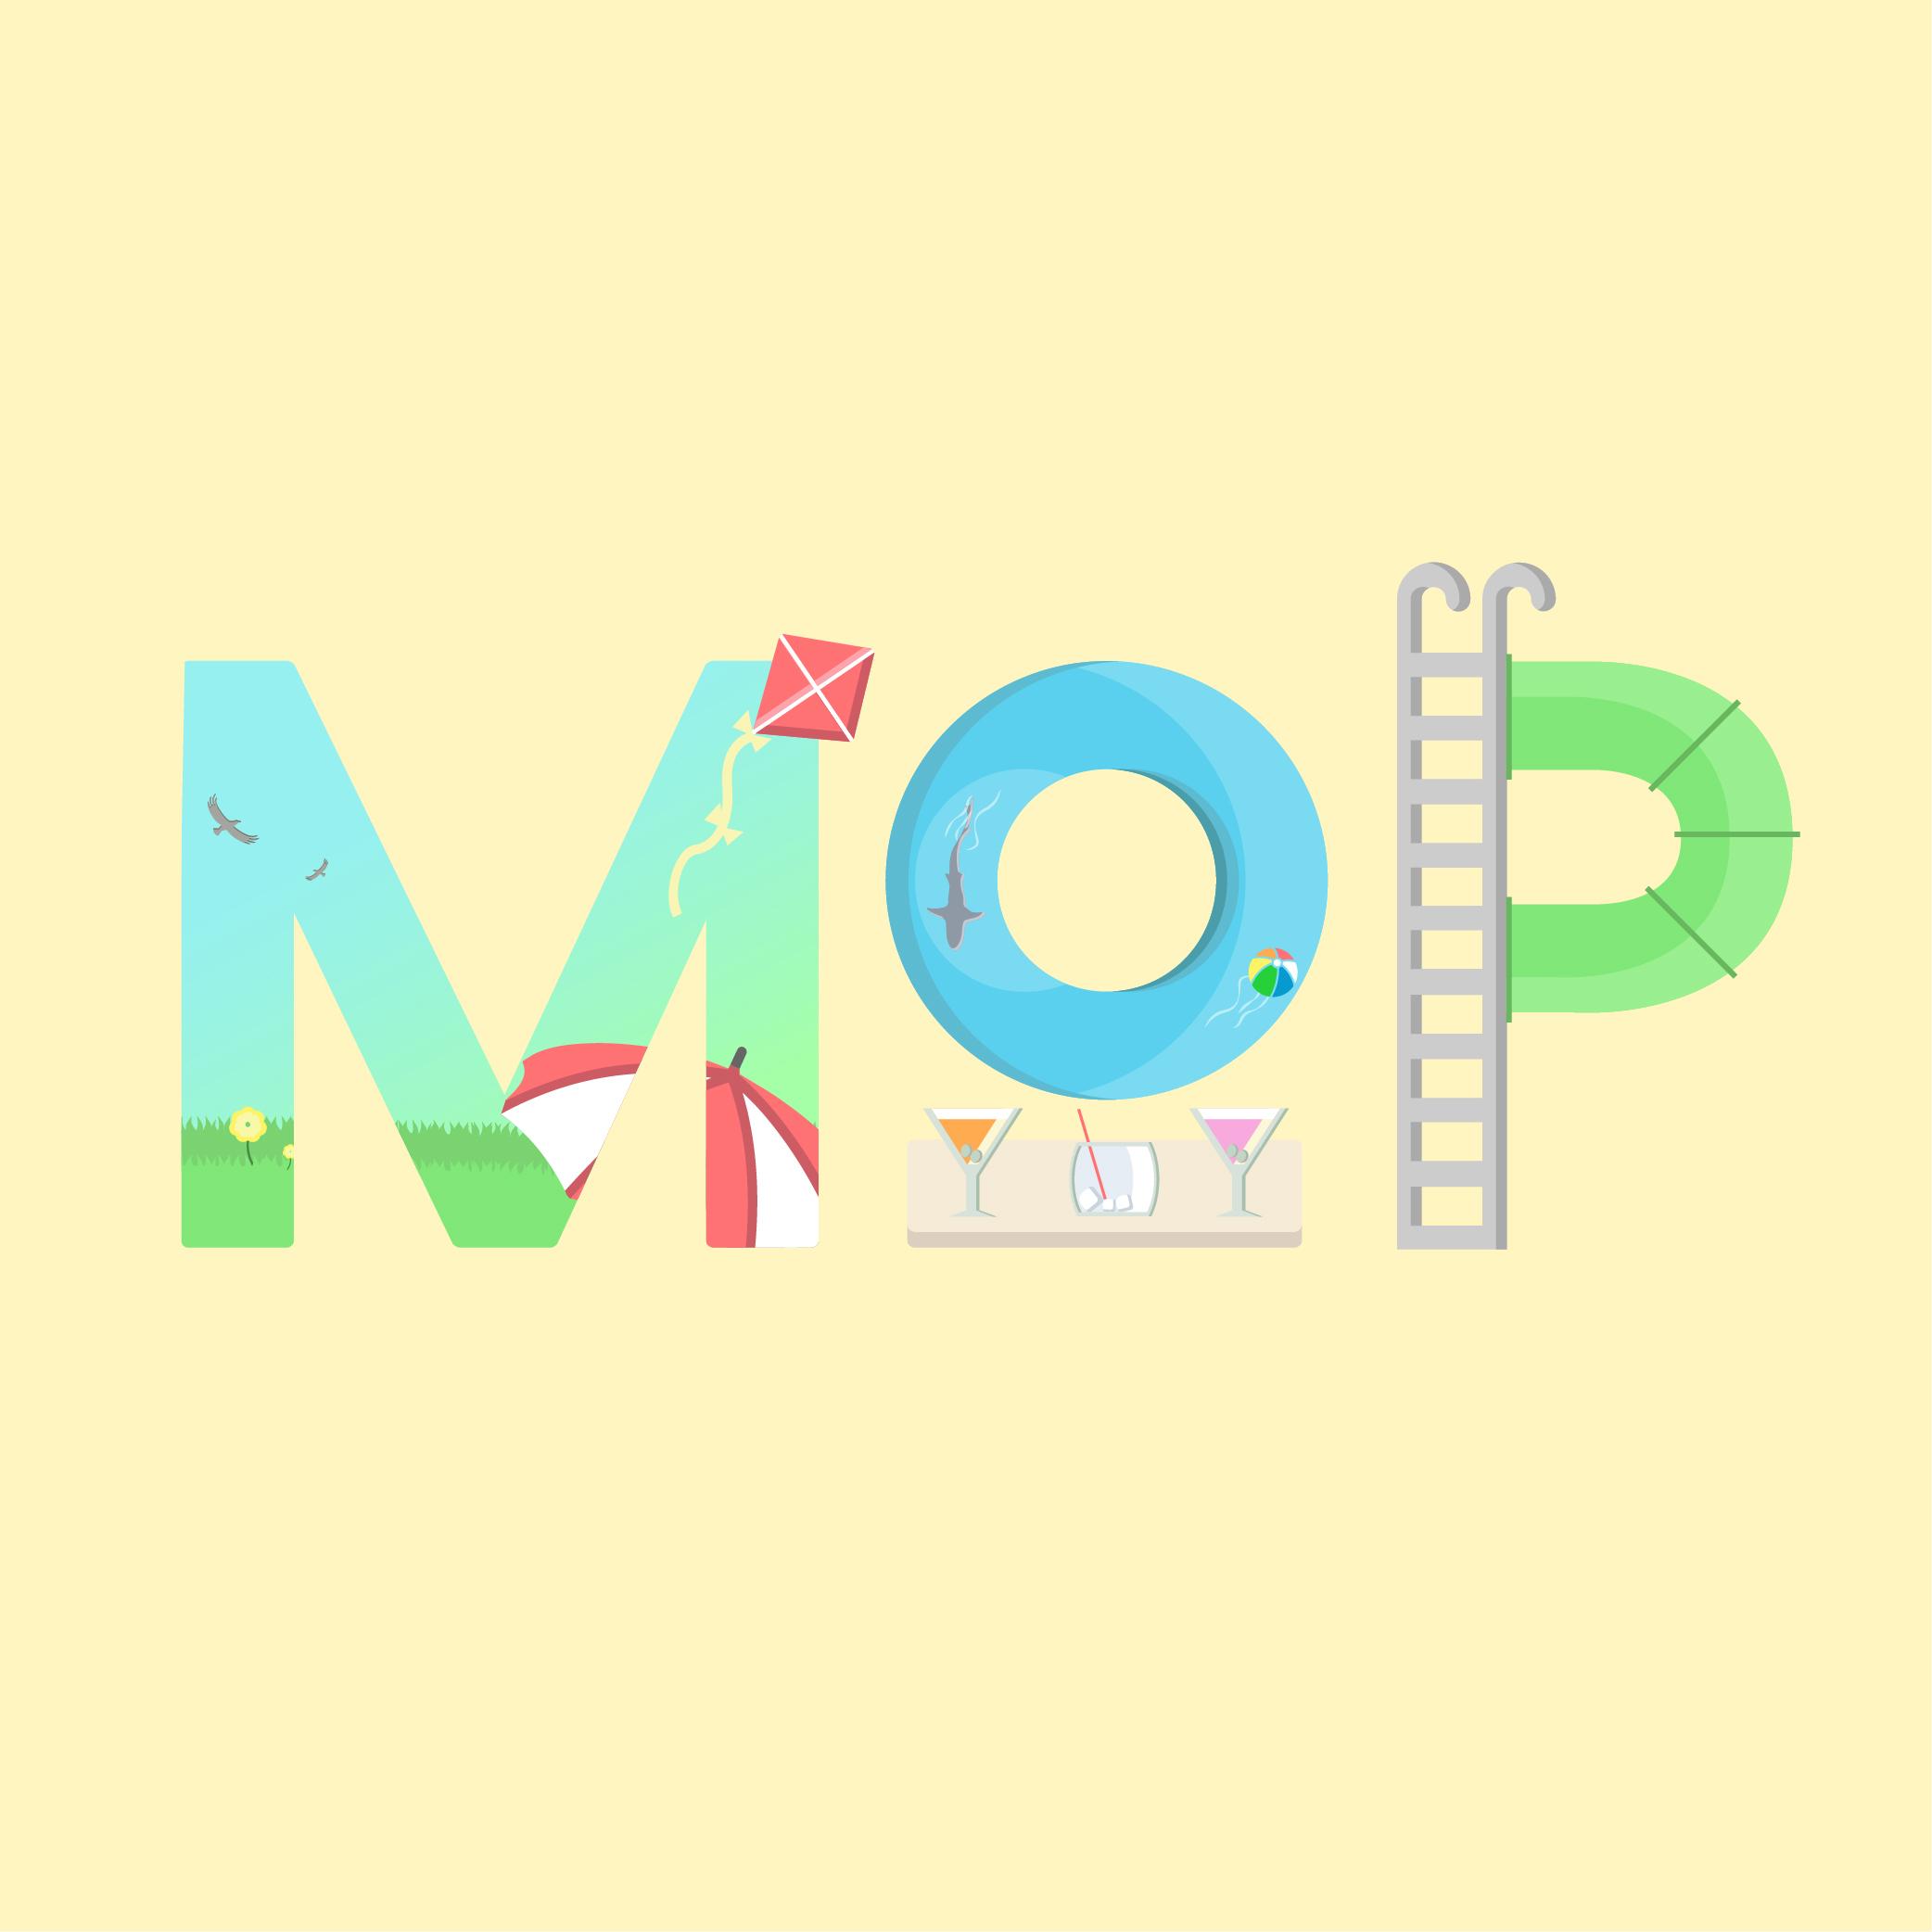 MOP_SUMMER-01.jpg